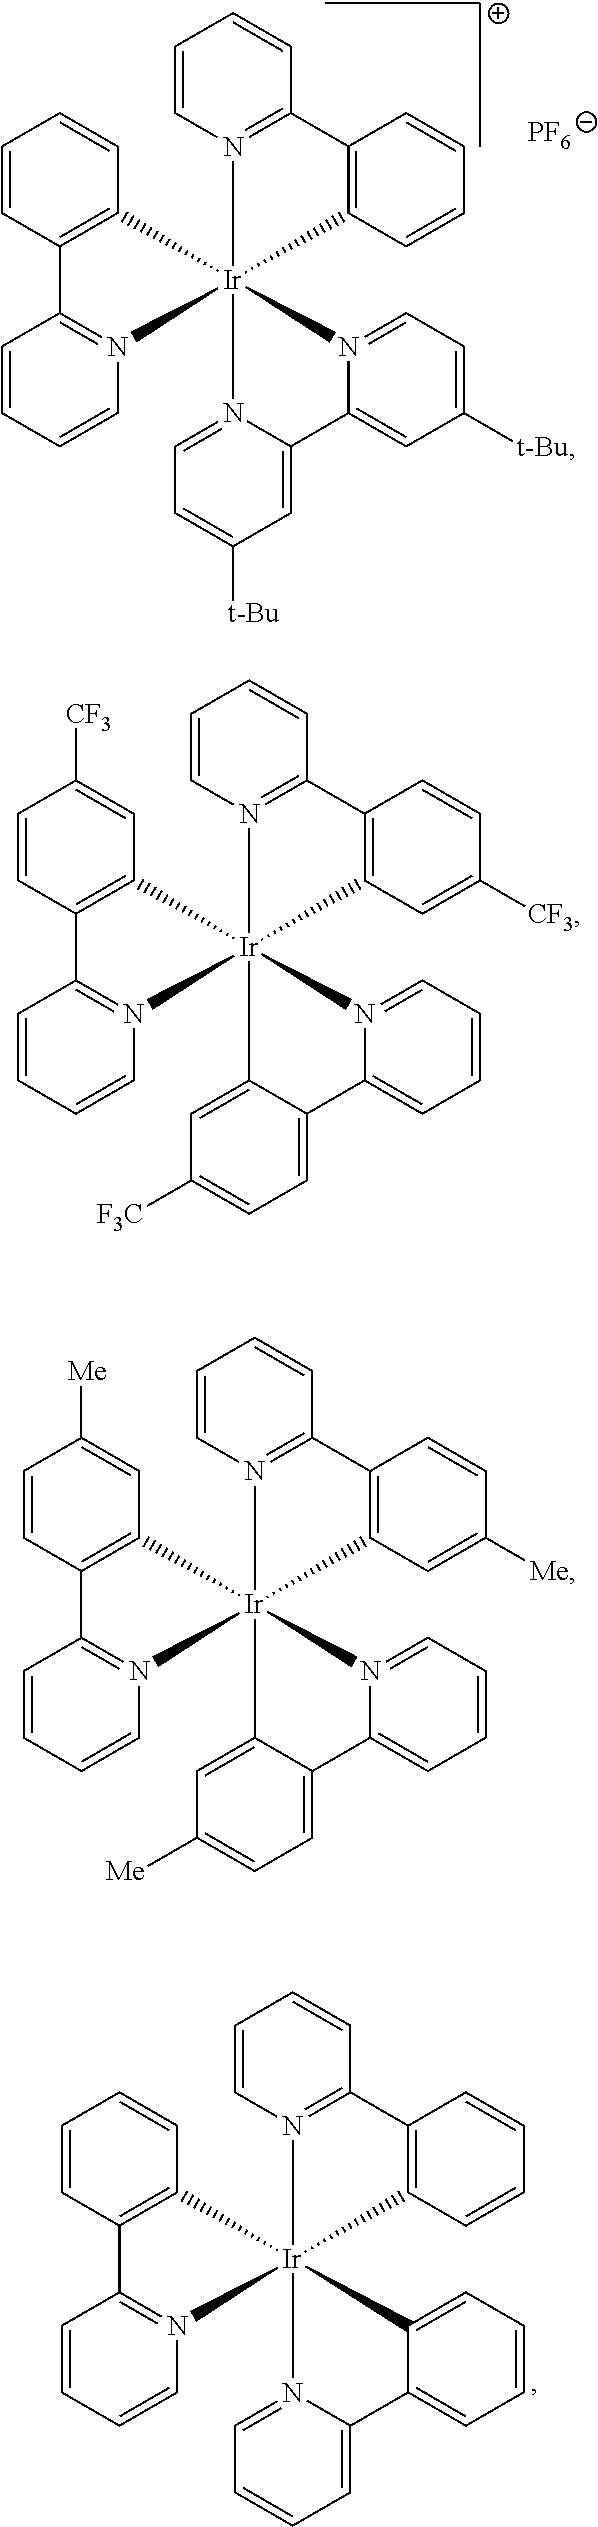 Figure US09081283-20150714-C00002